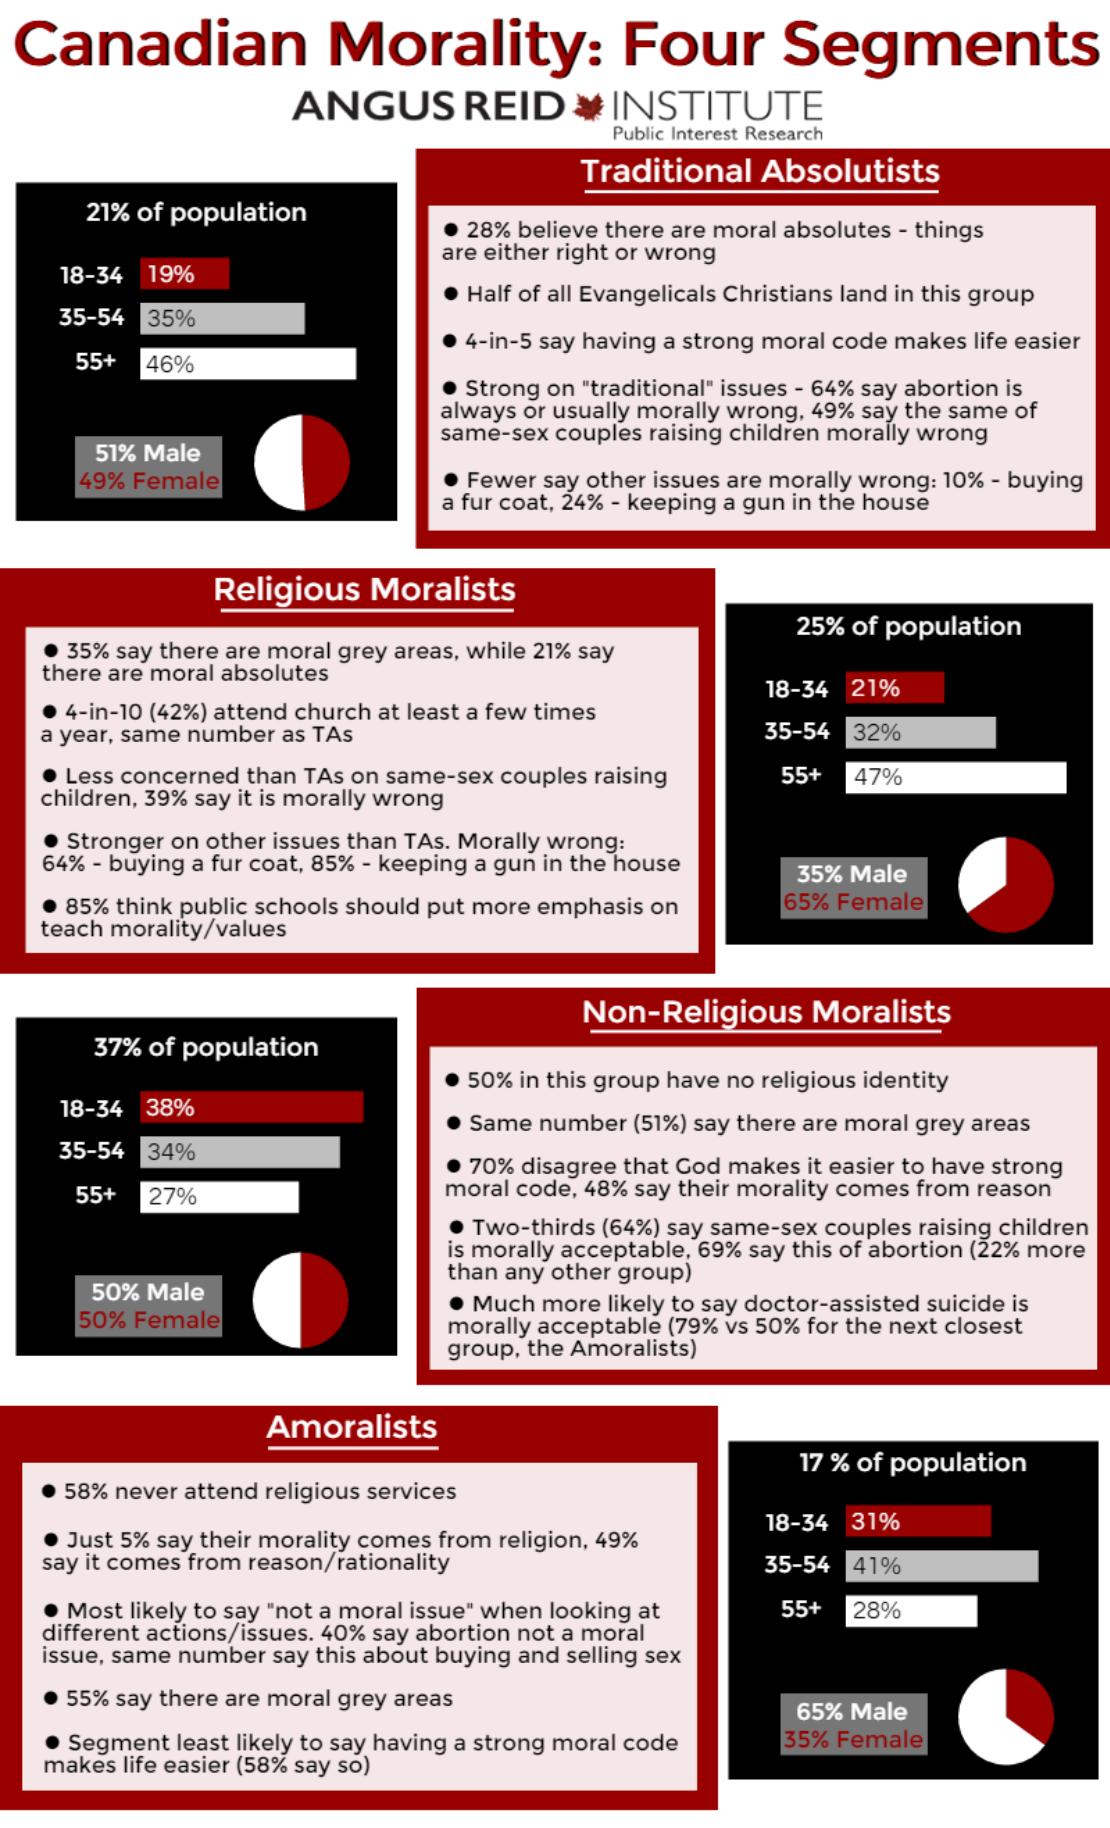 Angus Reid survey 2016-01-13: Infographic